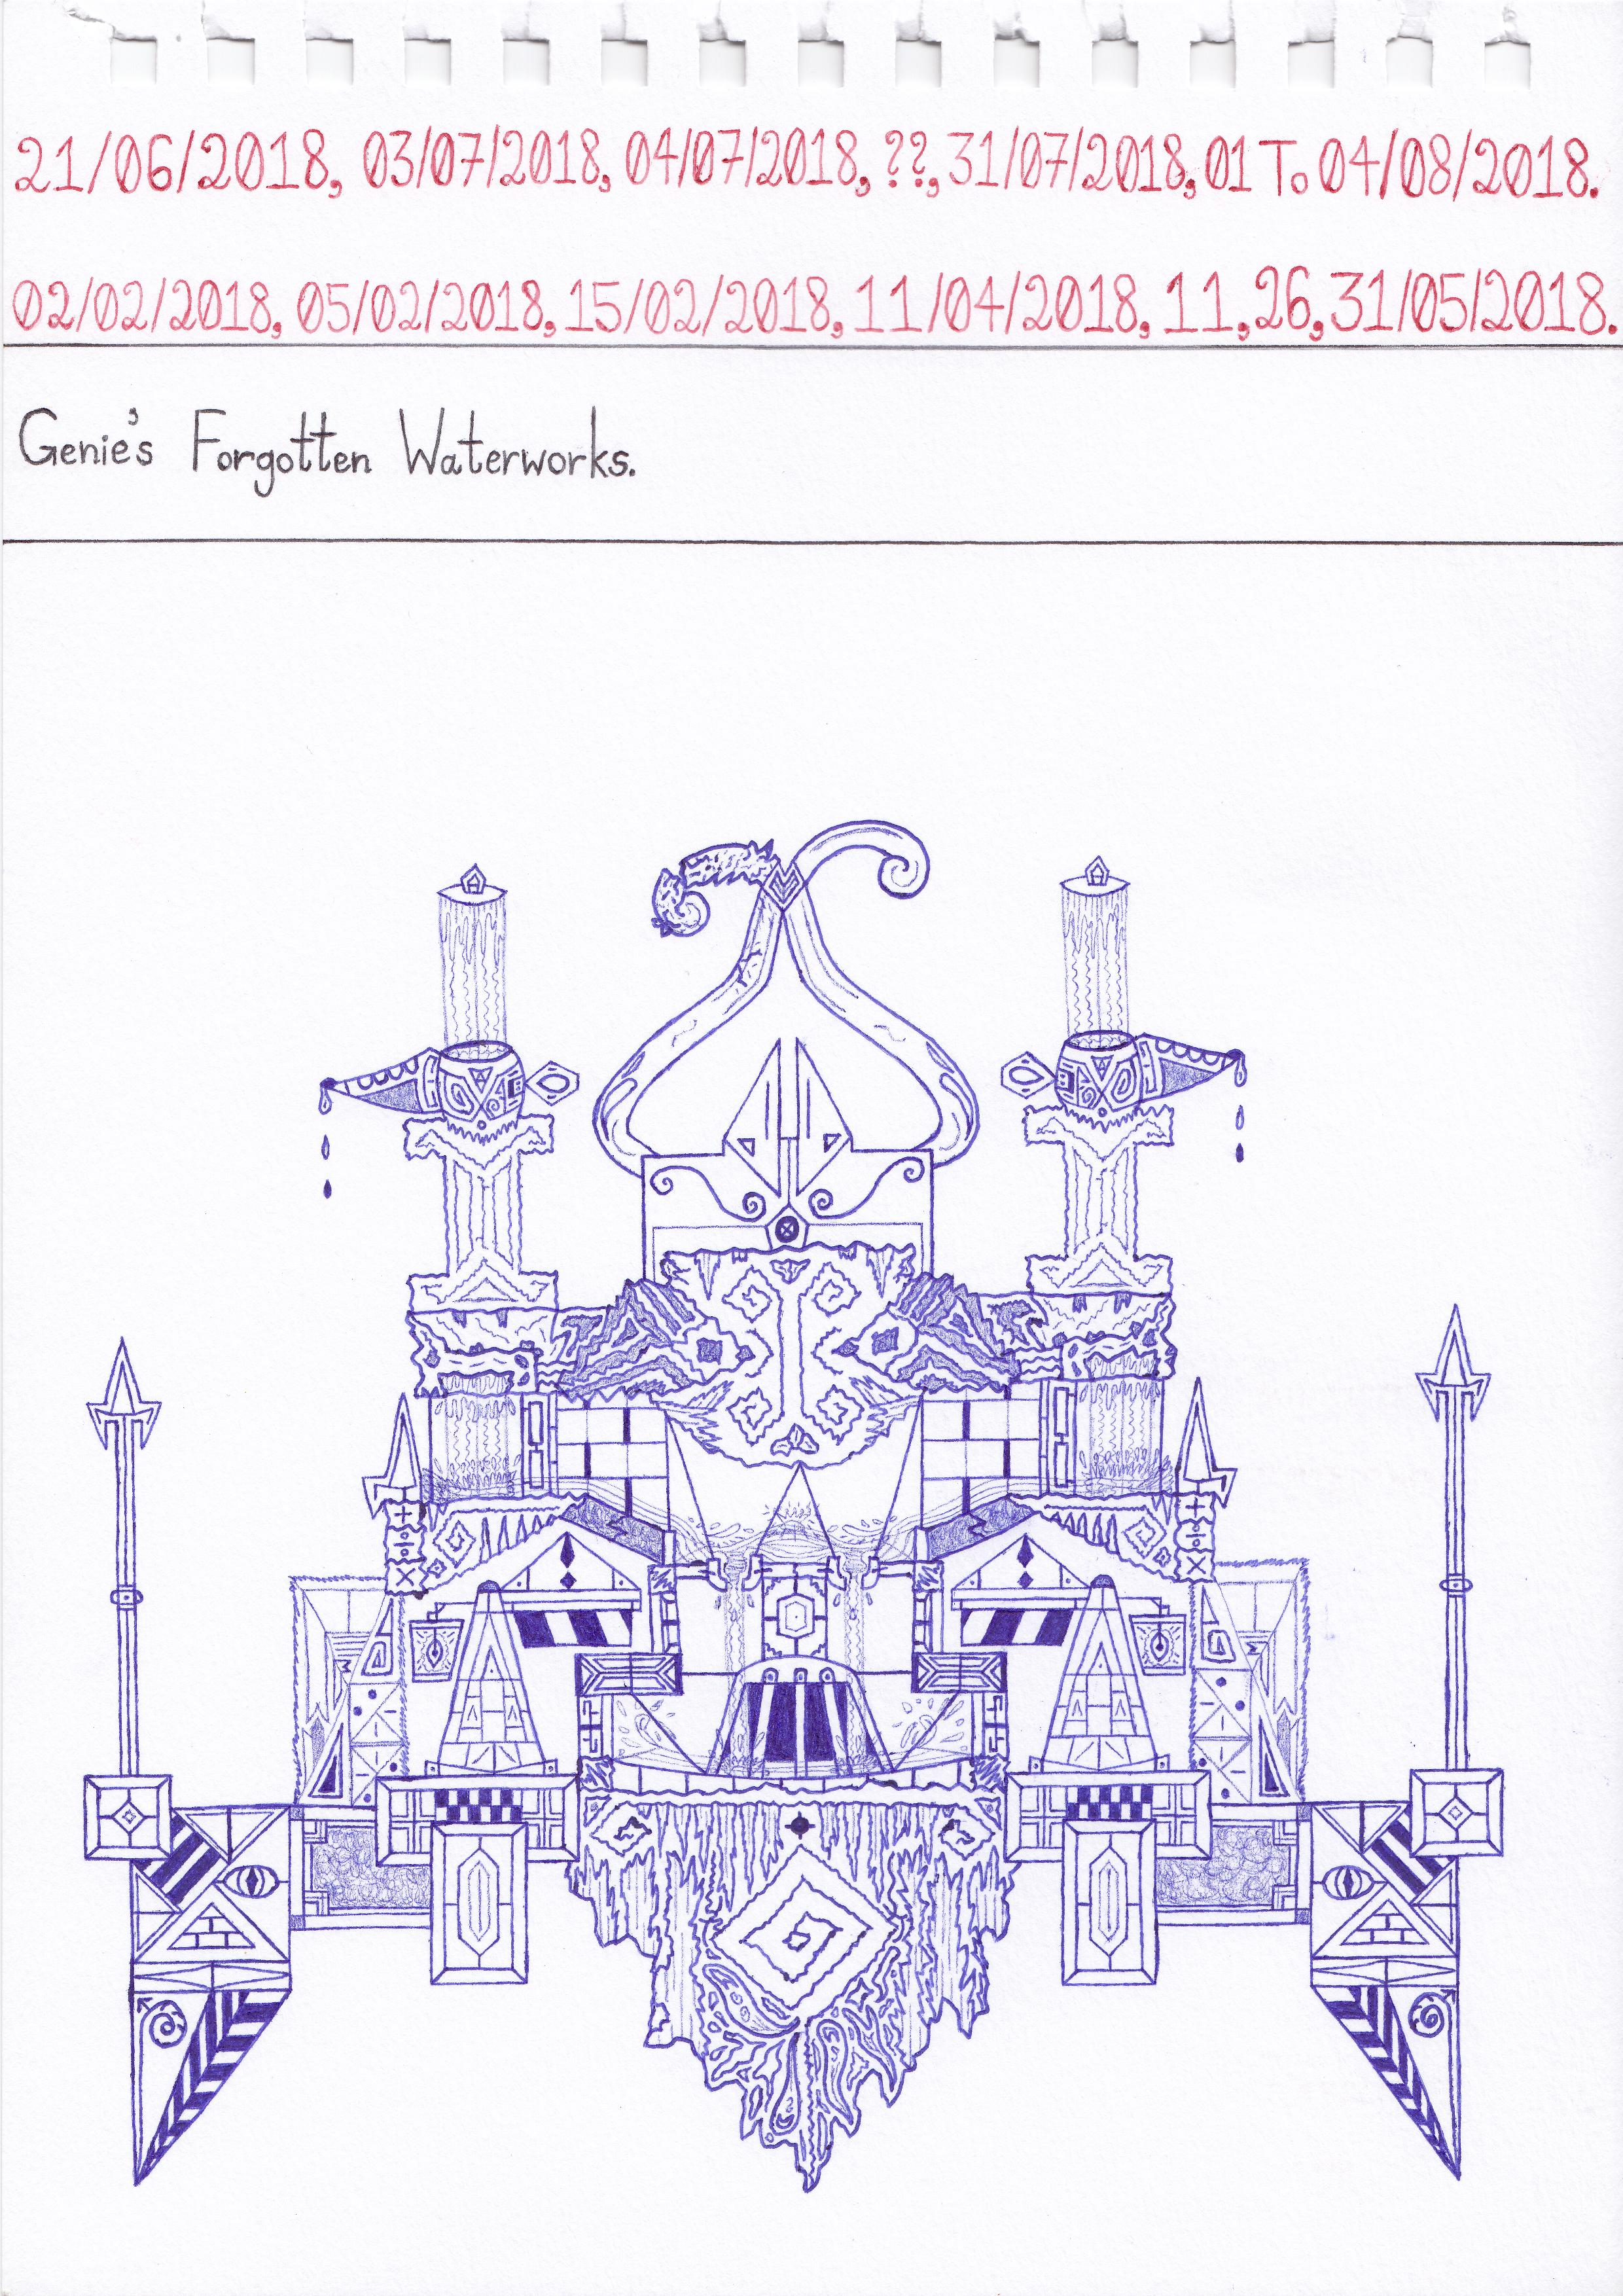 Genie's Forgotten Waterworks.